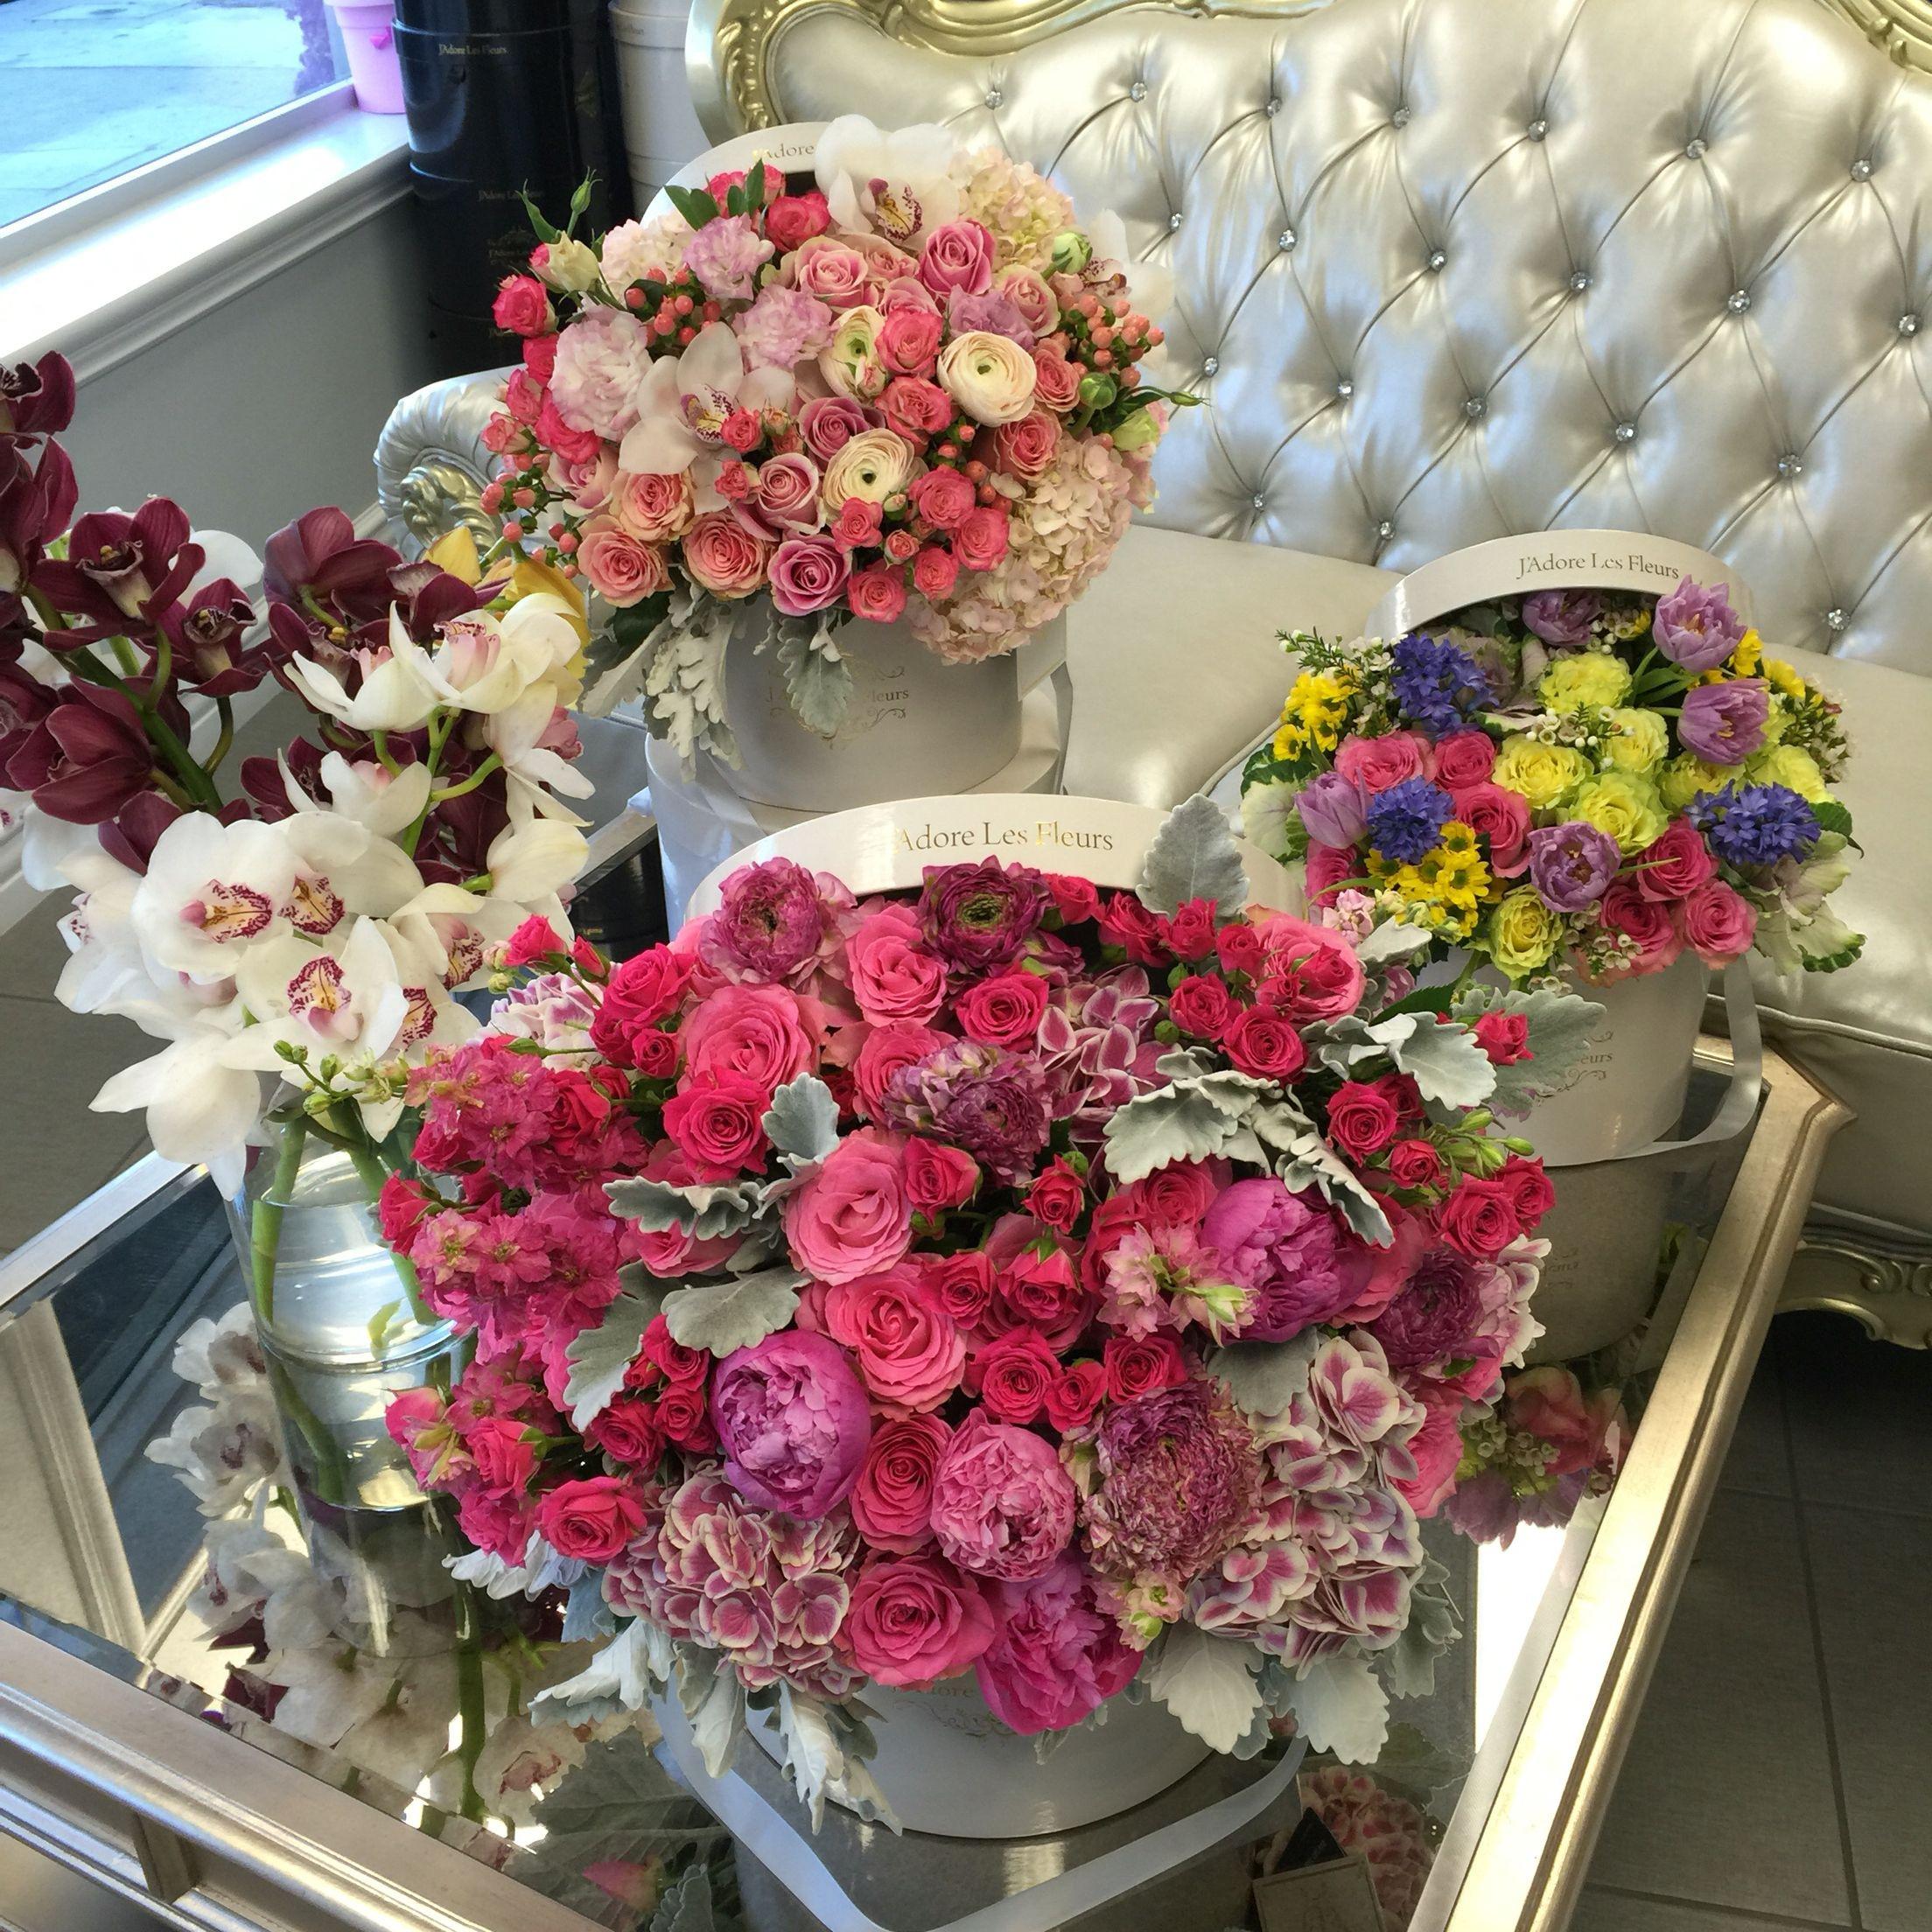 Floral Arrangement · J Adore Les Fleurs arrangements